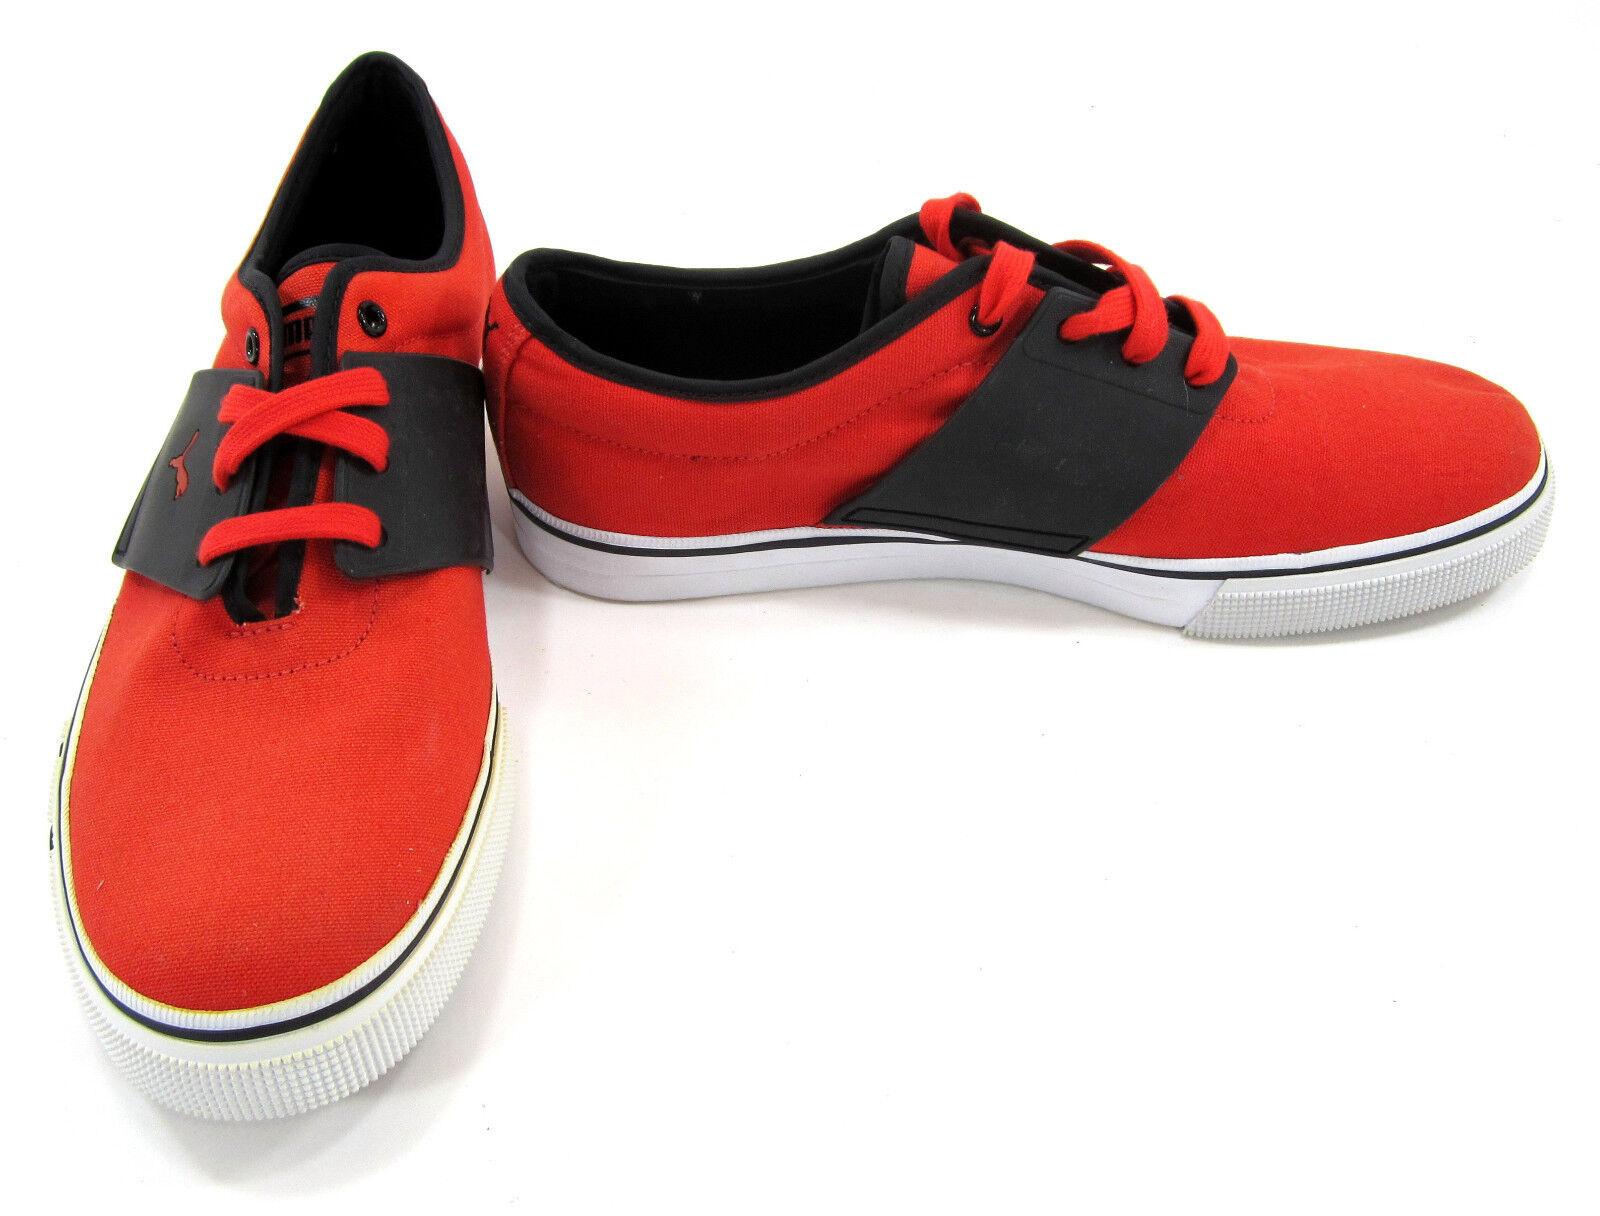 Zapatos Puma El Ace De Lona Tenis Rojo negro tamaño 9.5